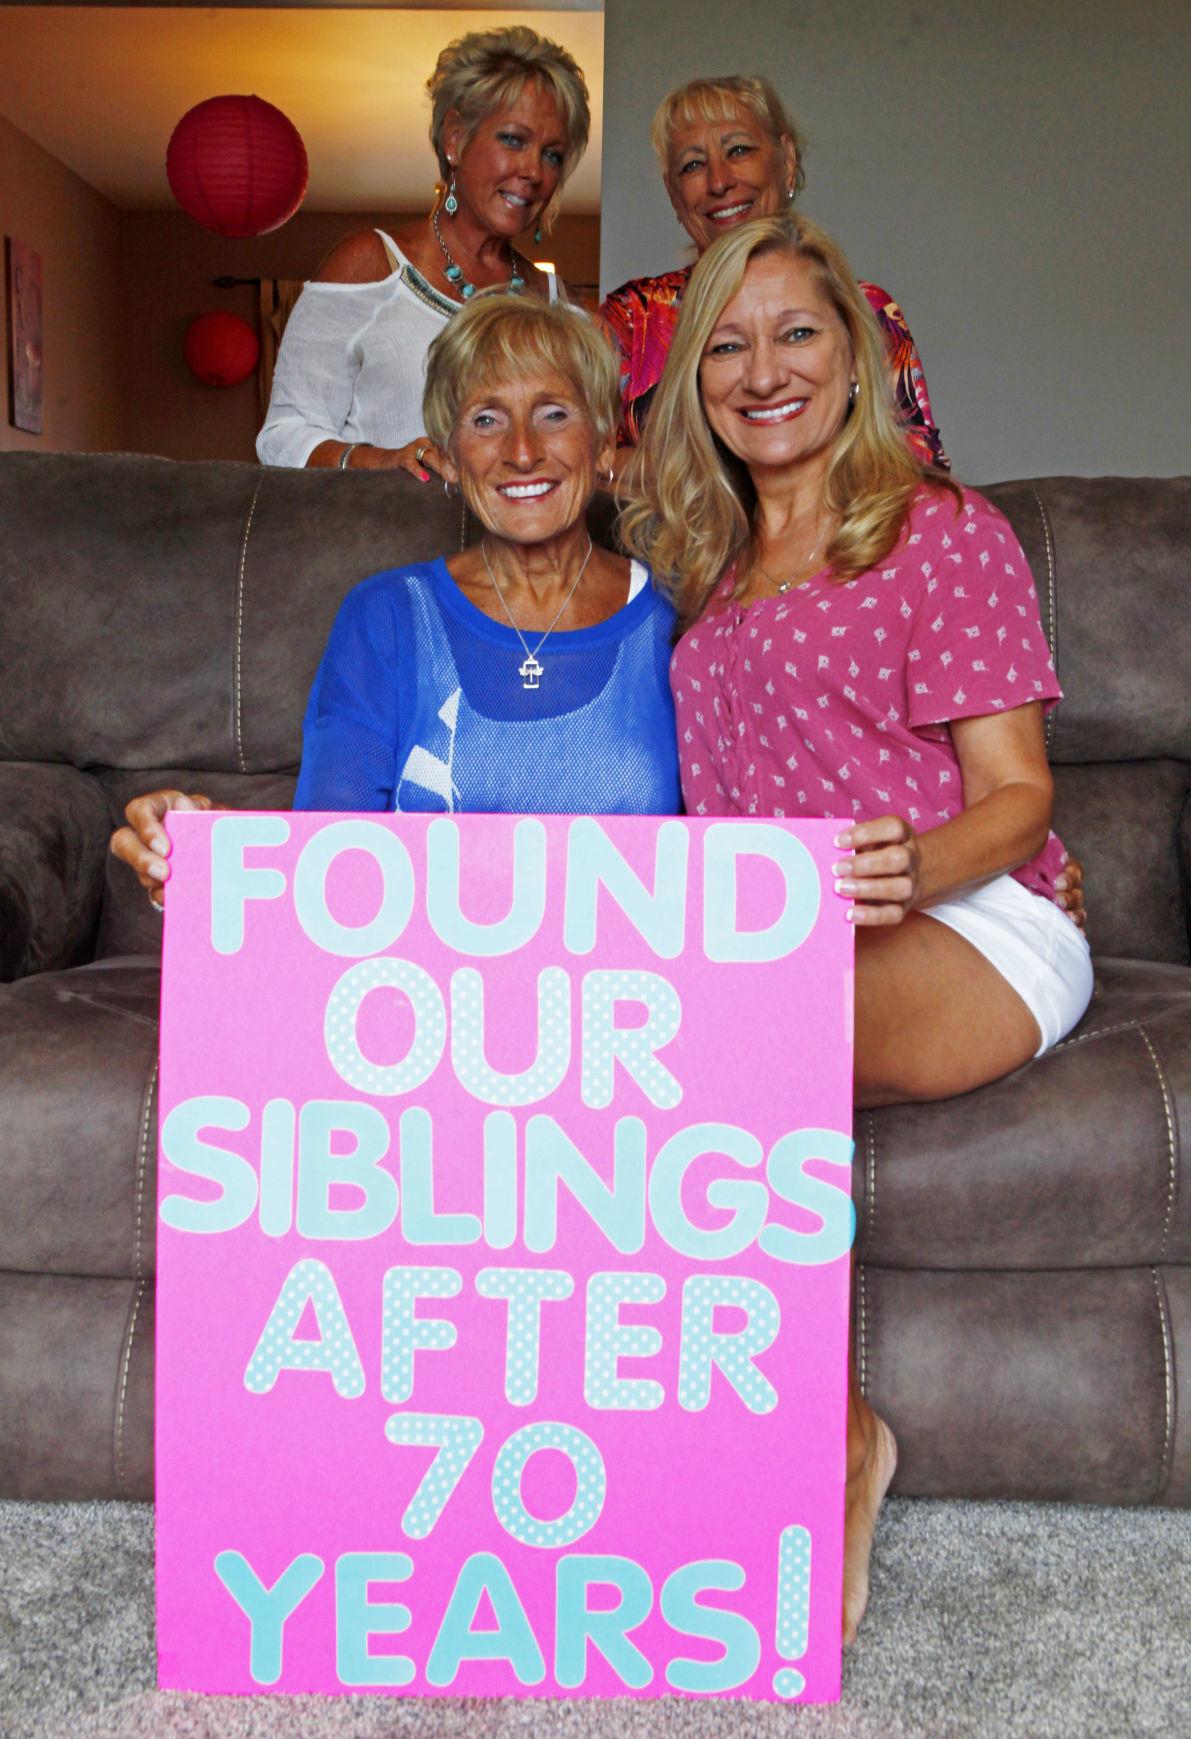 Siblings reunite